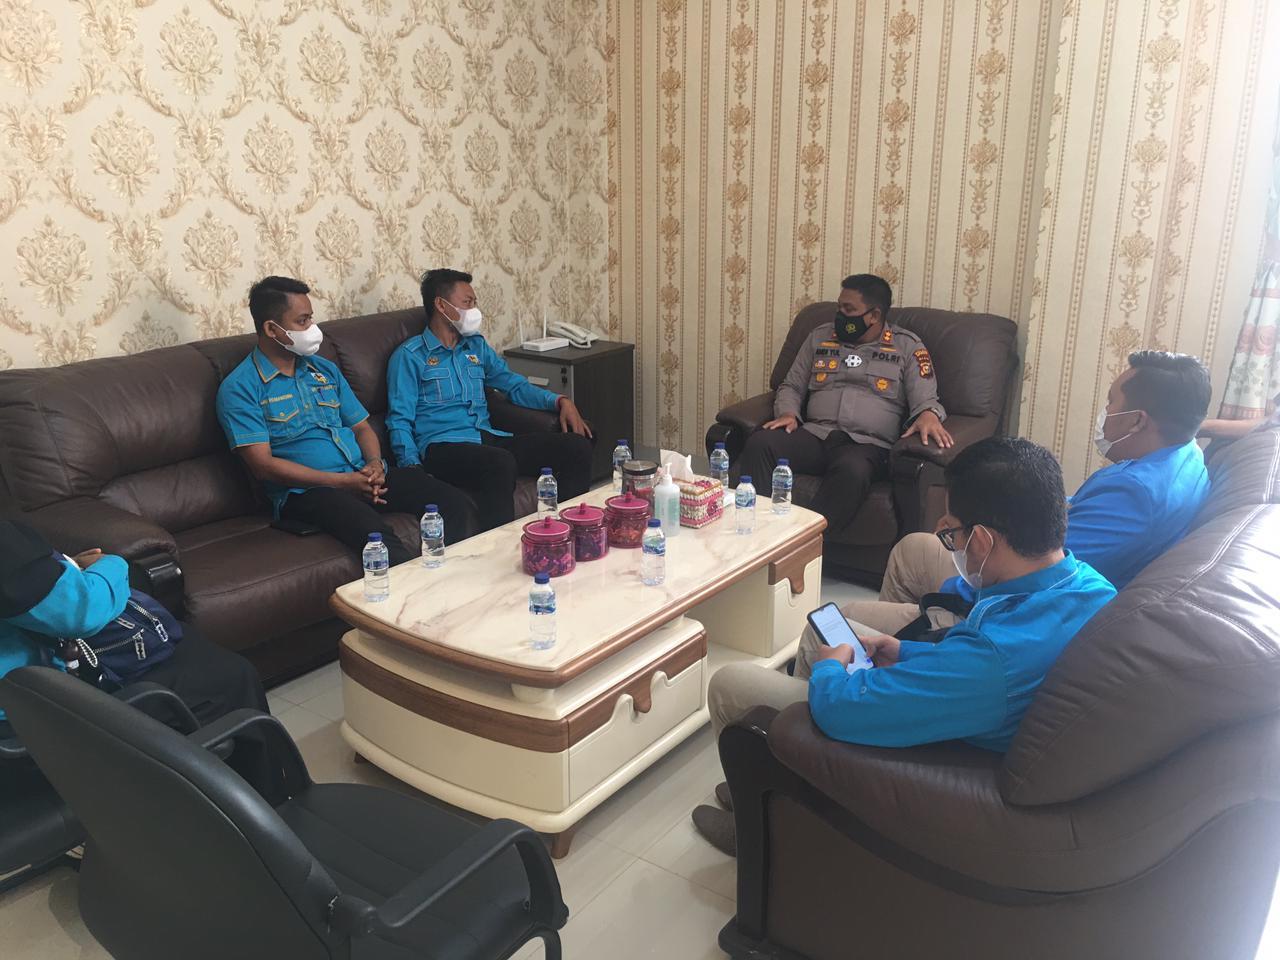 Foto Kapolres Kepulauan Meranti, AKBP Andi Yul LTG SH SIK MH, saat menerima kunjungan silaturahmi DPD Komite Nasional Pemuda Indonesia (KNPI) di Mapolres Meranti.